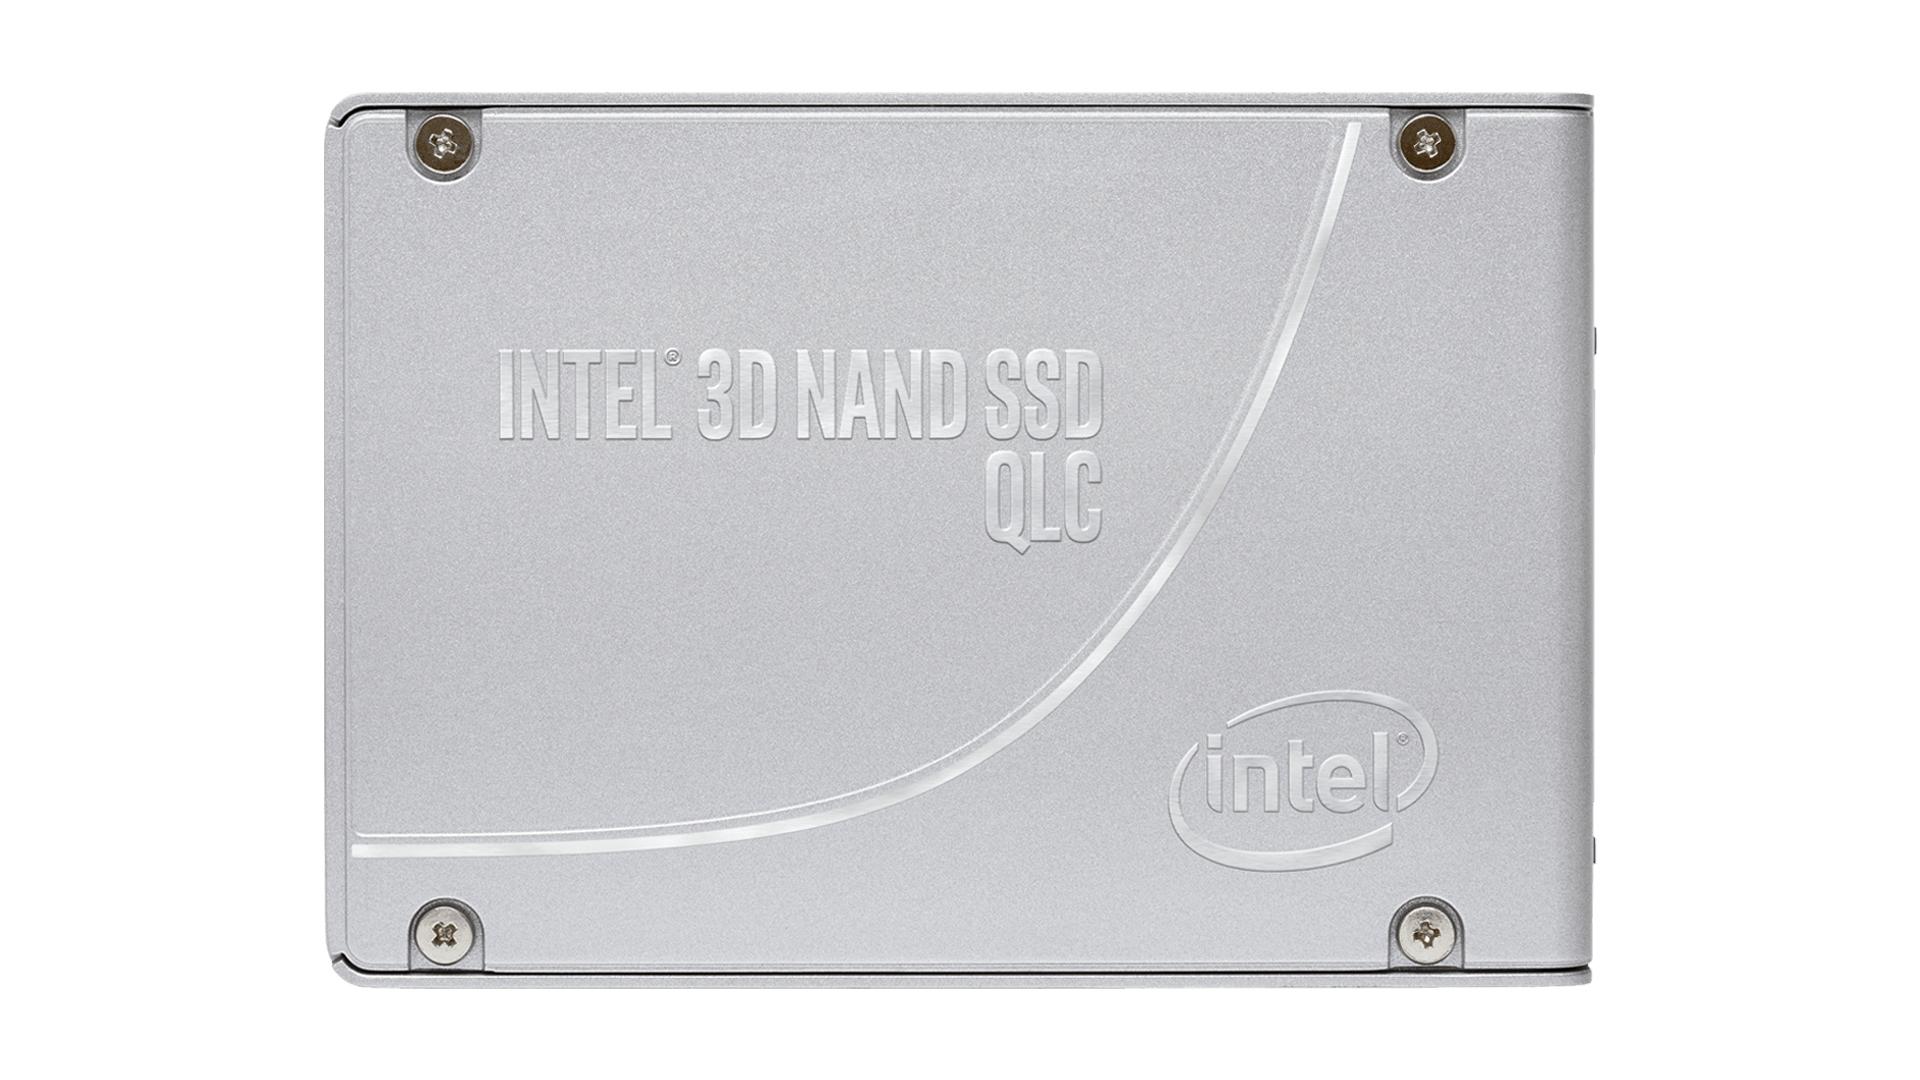 Intel D5 P4326 43 15360 GB PCI Express 3.1 QLC 3D NAND NVMe